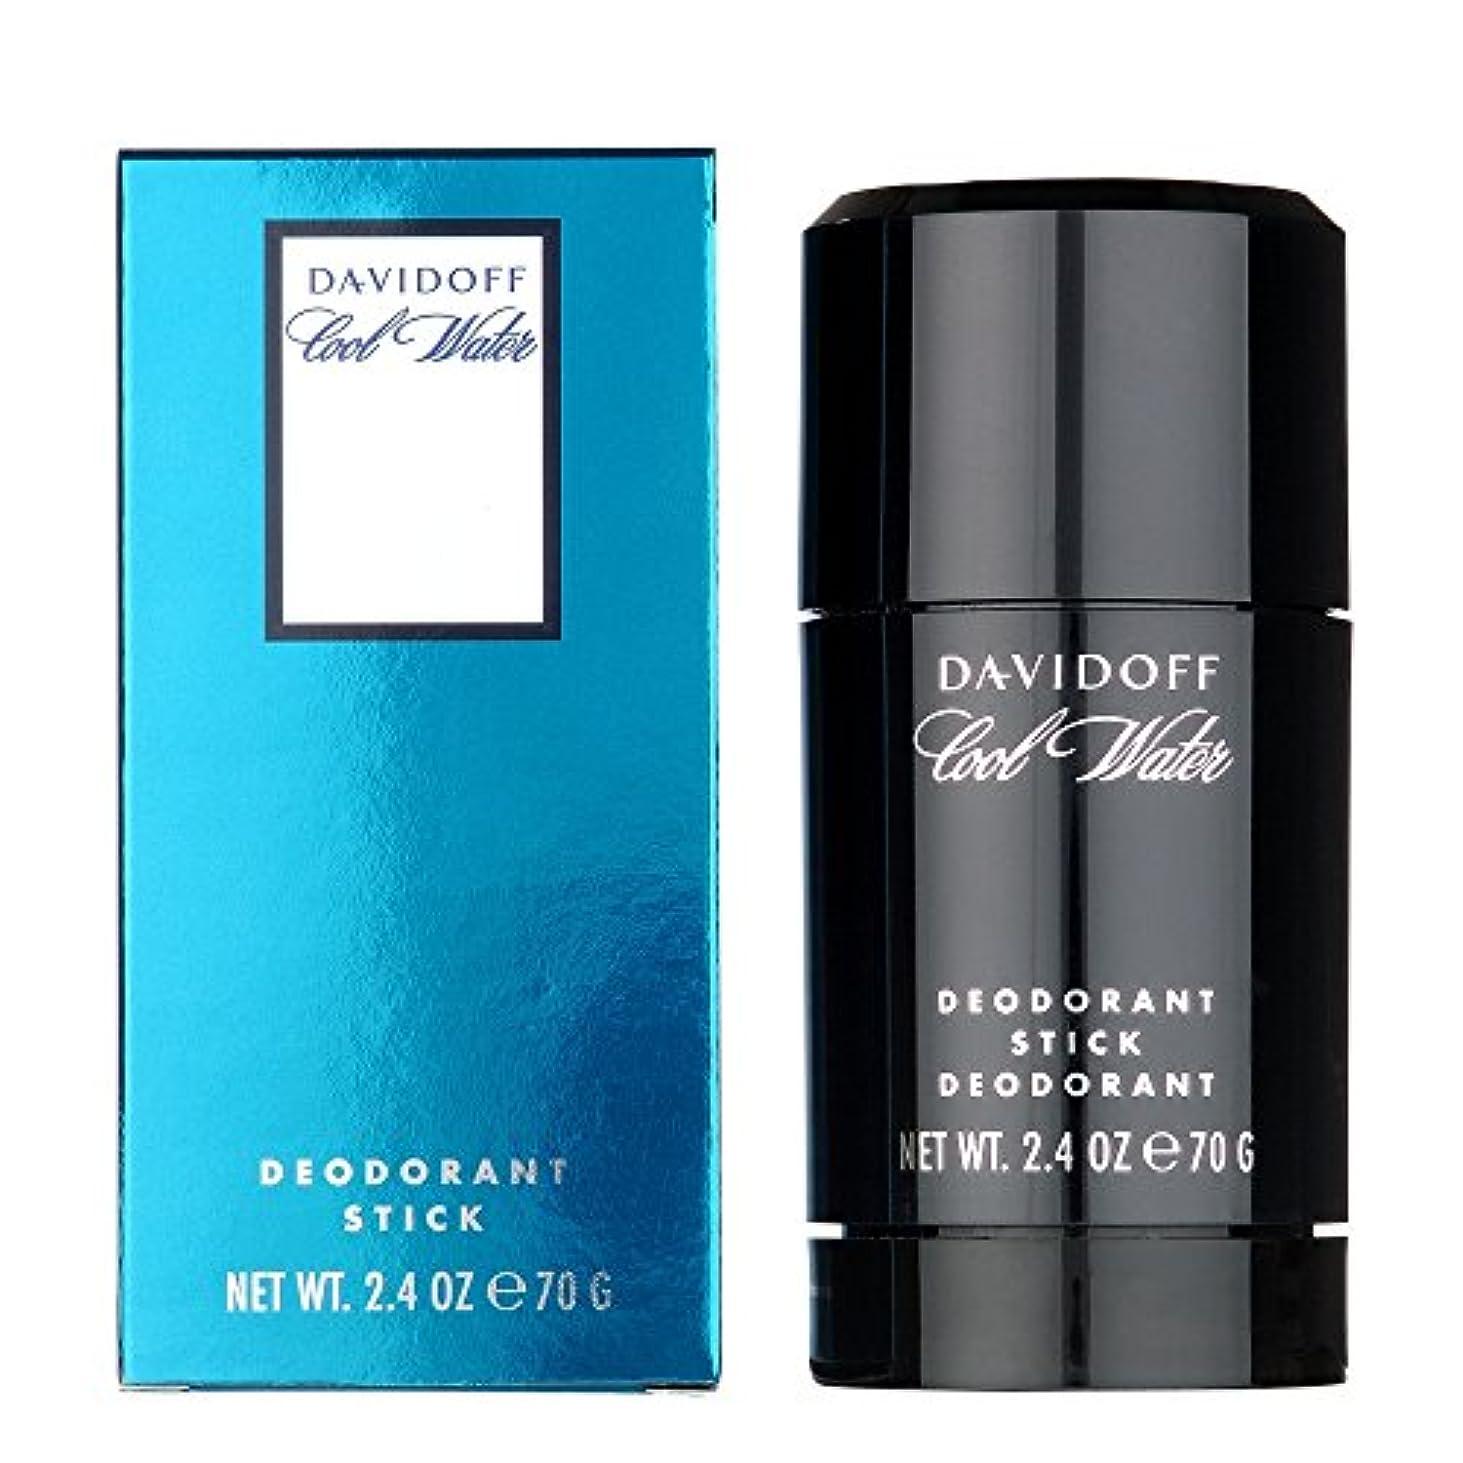 ゲスト縁石デコレーションダビドフクールウォーターデオドラントスティック70グラム (Davidoff) - Davidoff Cool Water Deodorant Stick 70g [並行輸入品]